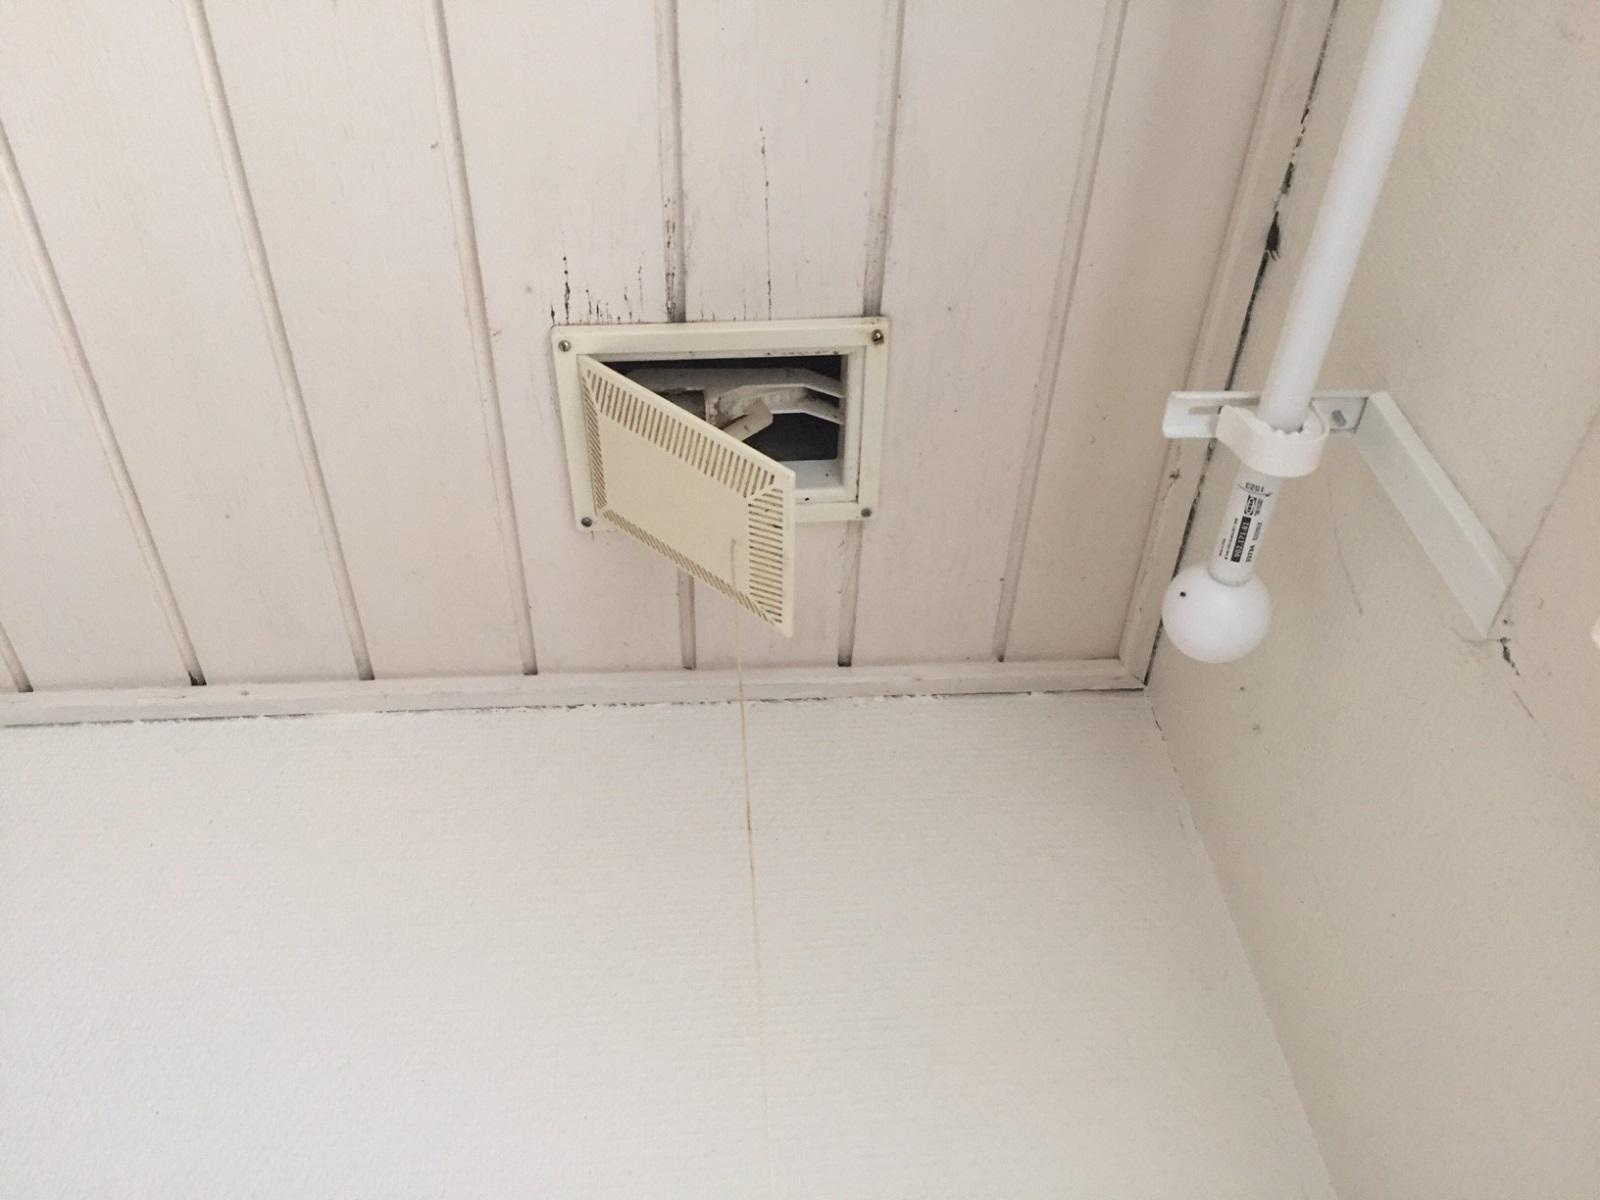 udluftning badeværelse Udluftning på badeværelse   Lav det selv.dk udluftning badeværelse